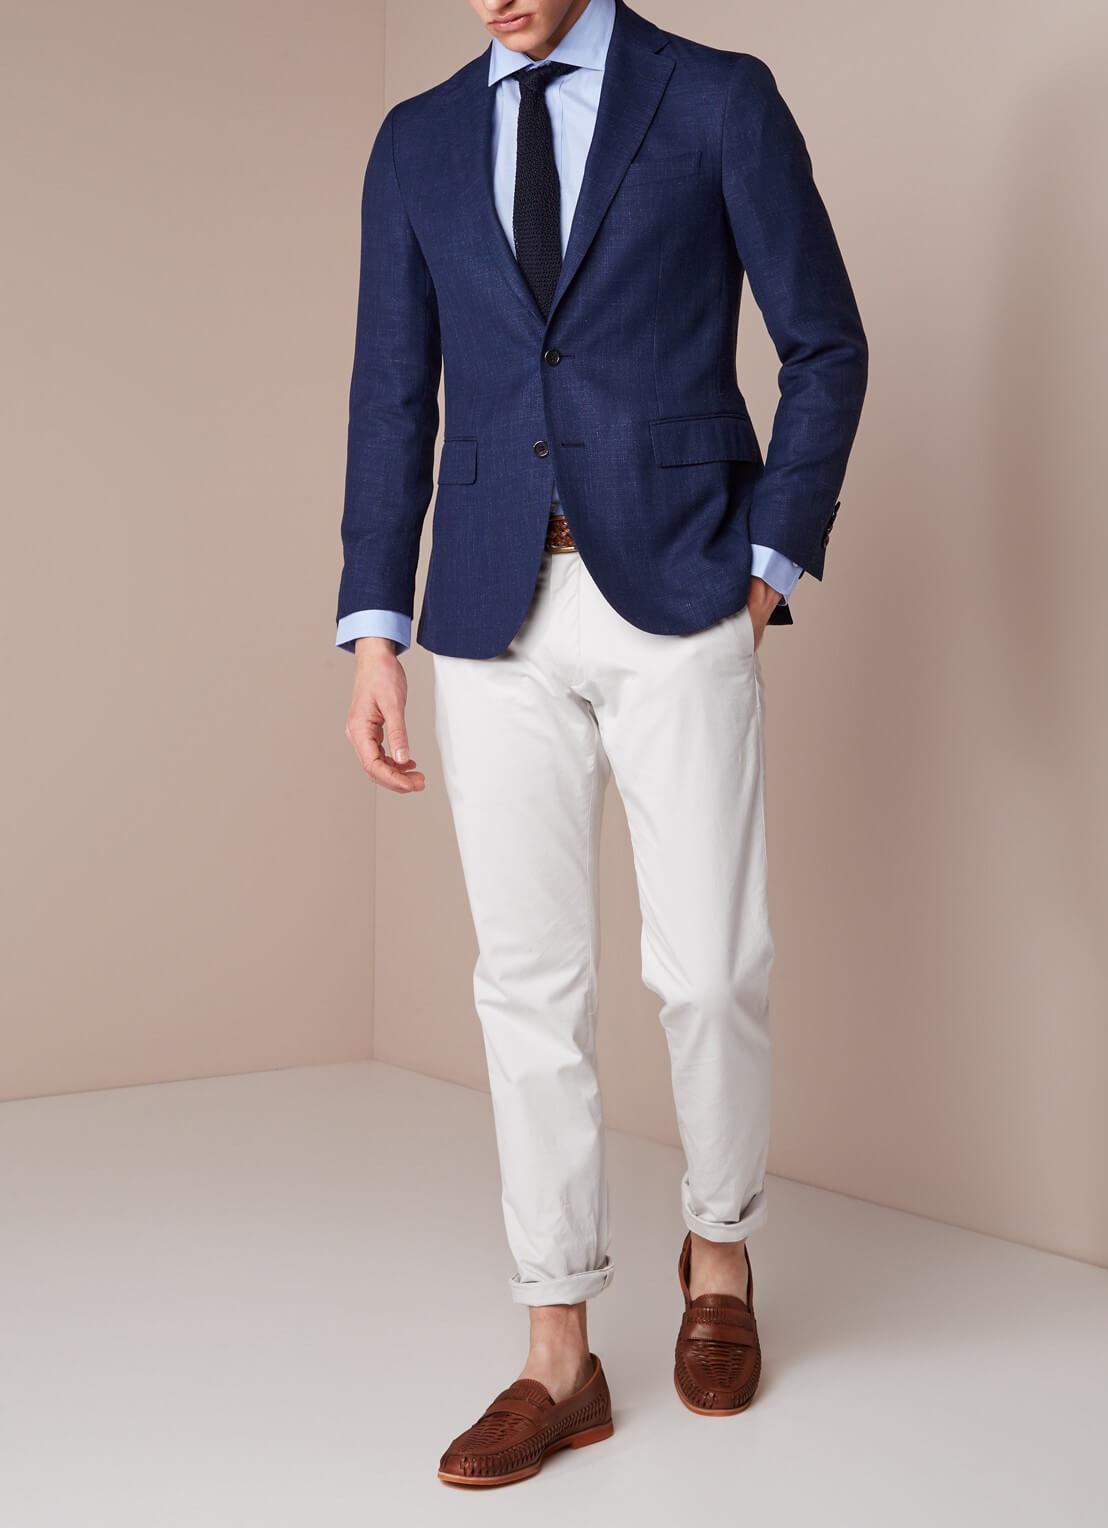 Mixed wear 4 - Mr.Draper